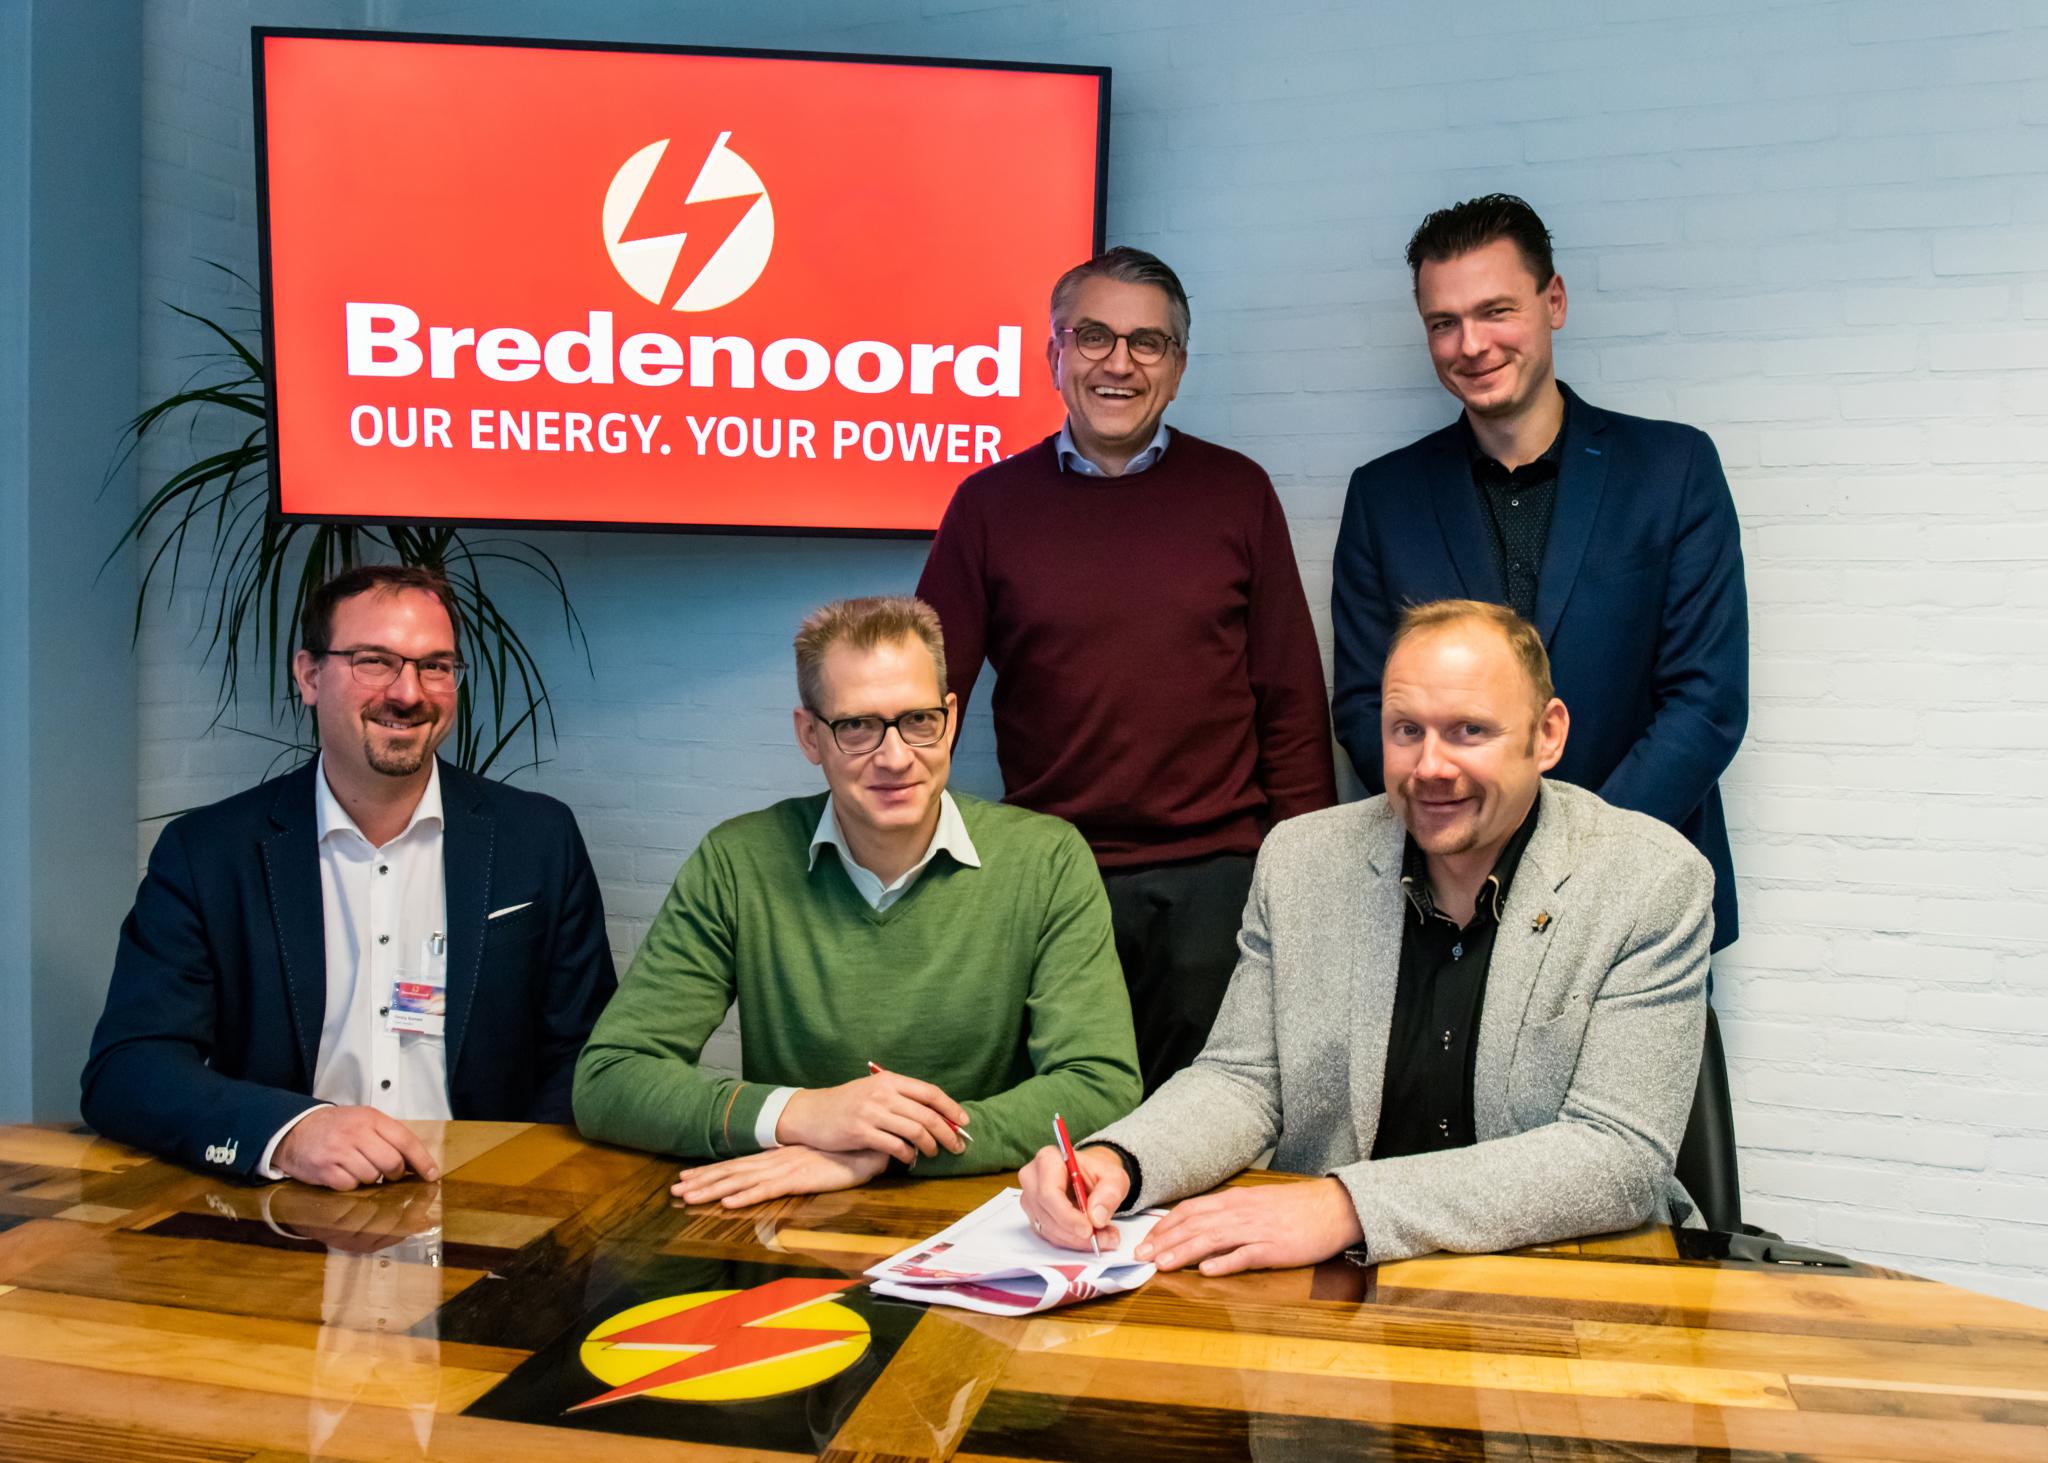 Op de foto van links naar rechts, staand: Toon Bruining en Jans Havinga en zittend: Georg Bornett, Jaap Fluit en Andreas Kohl